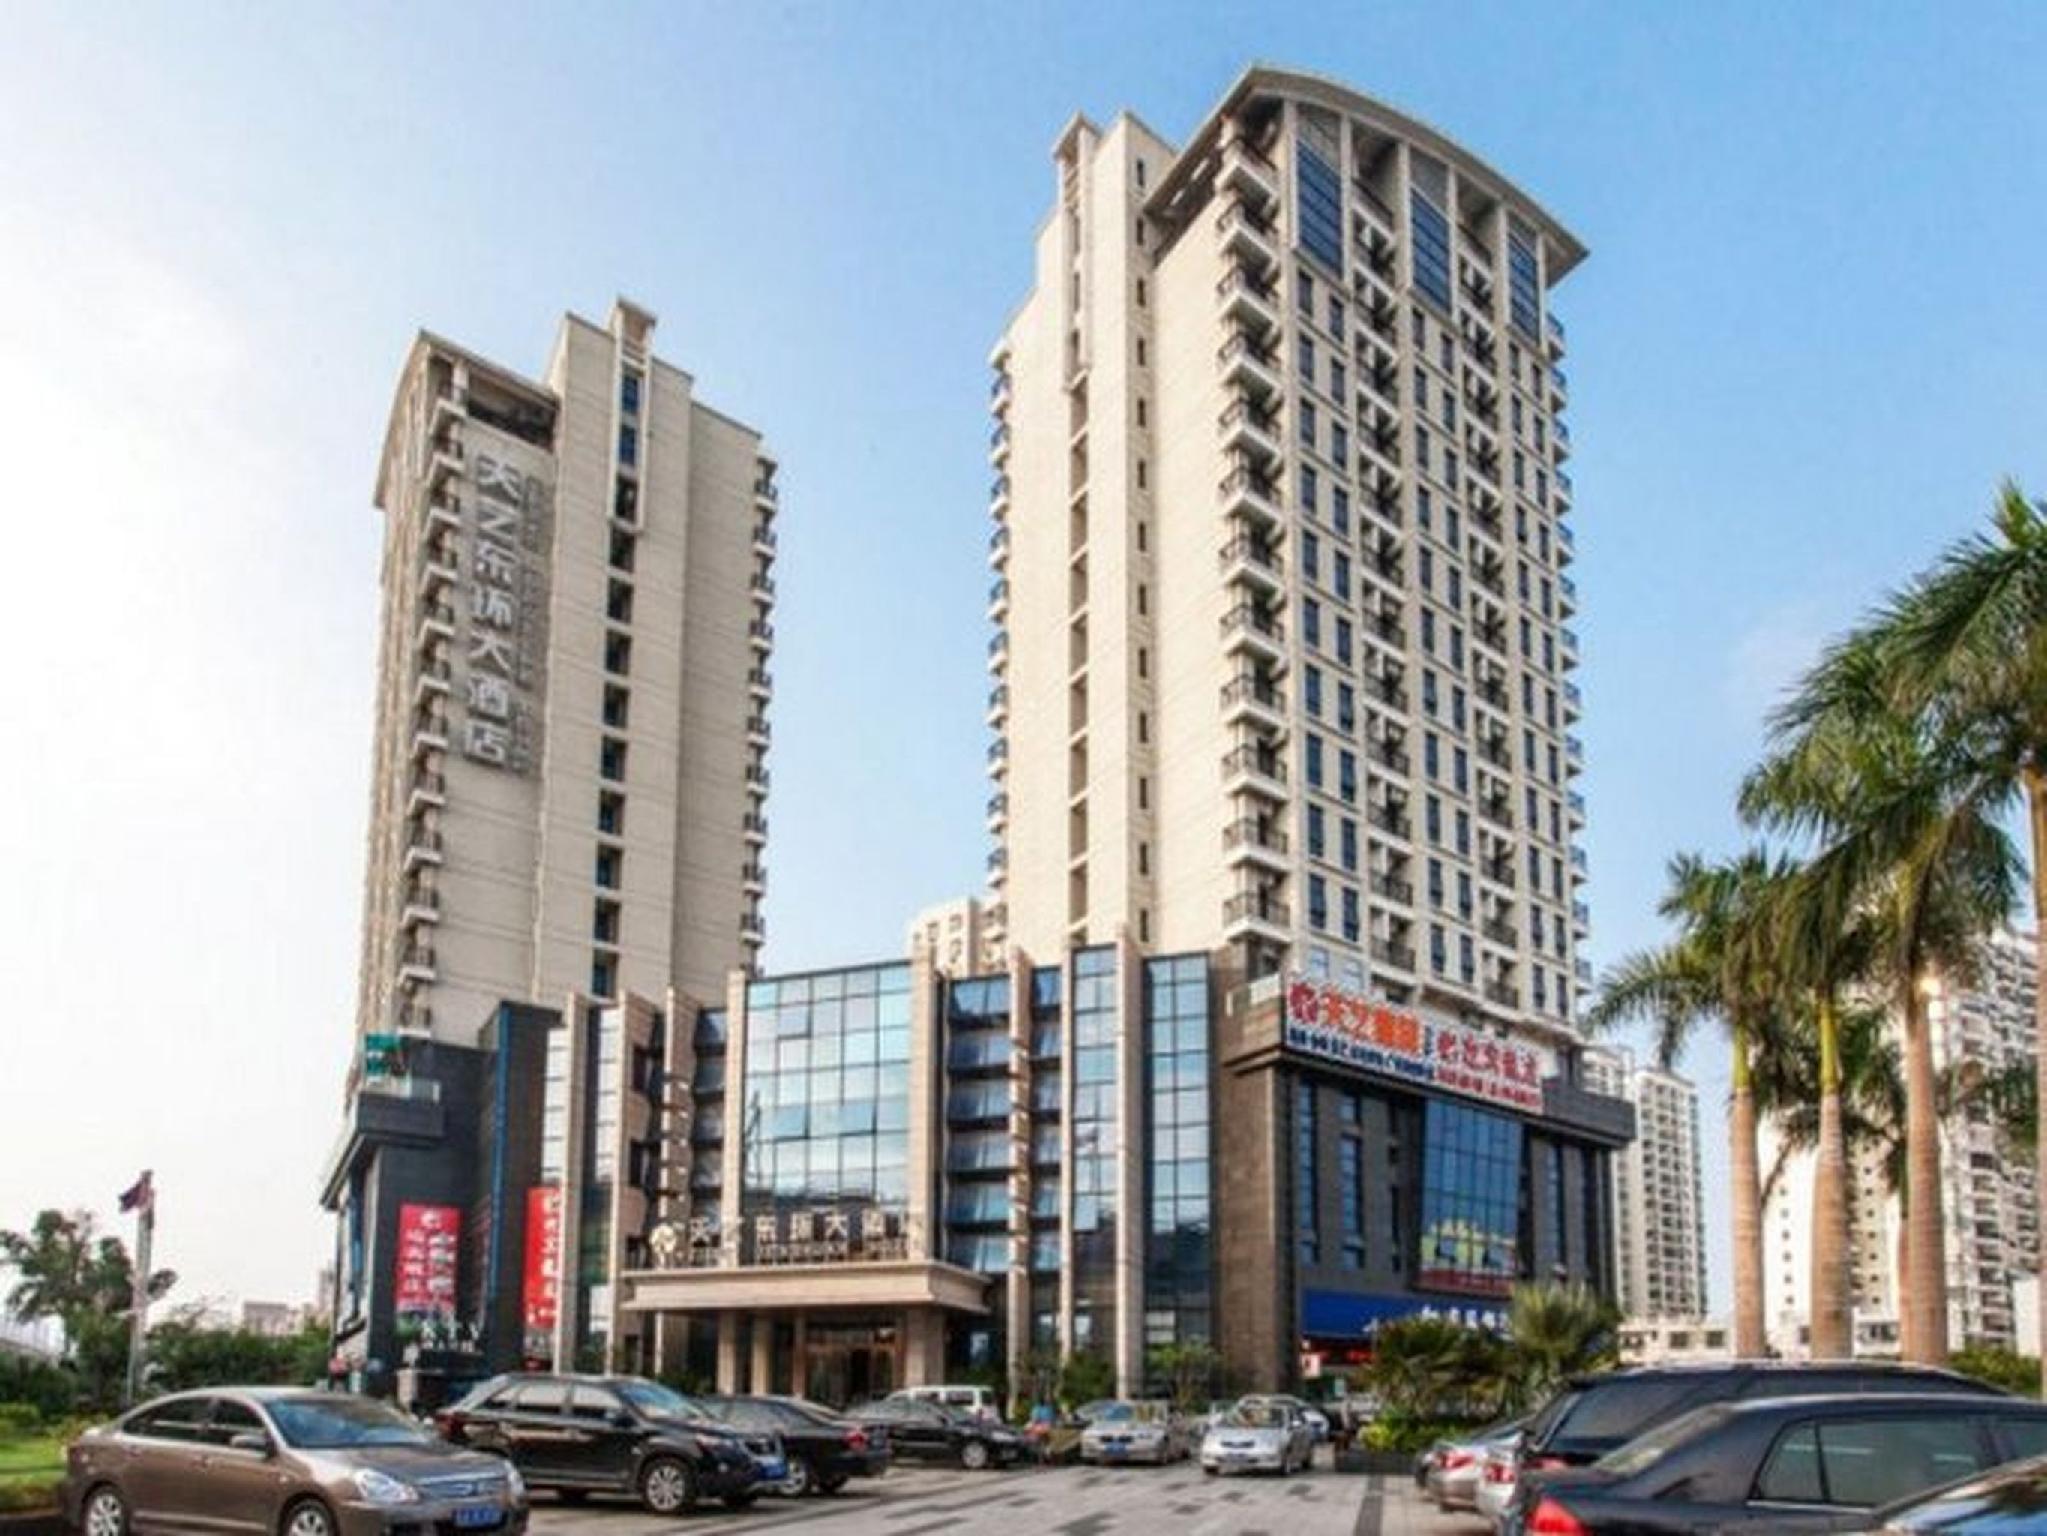 Hainan Tianyi Donghuan Hotel Reviews